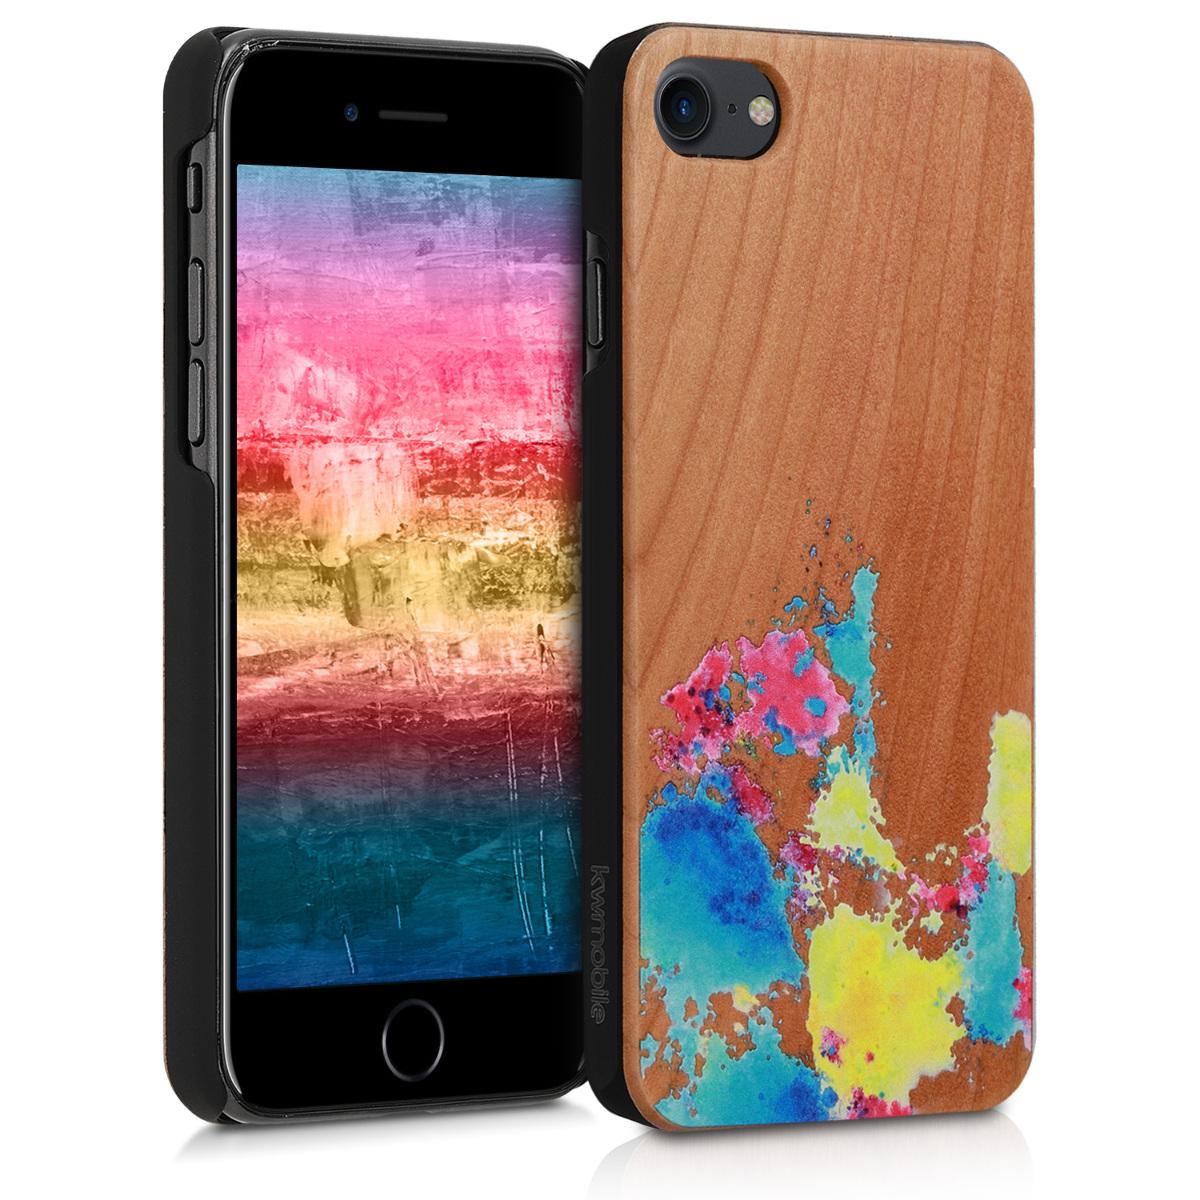 KW Ξύλινη Θήκη iPhone 7 / 8 - Πολύχρωμη (39462.10)